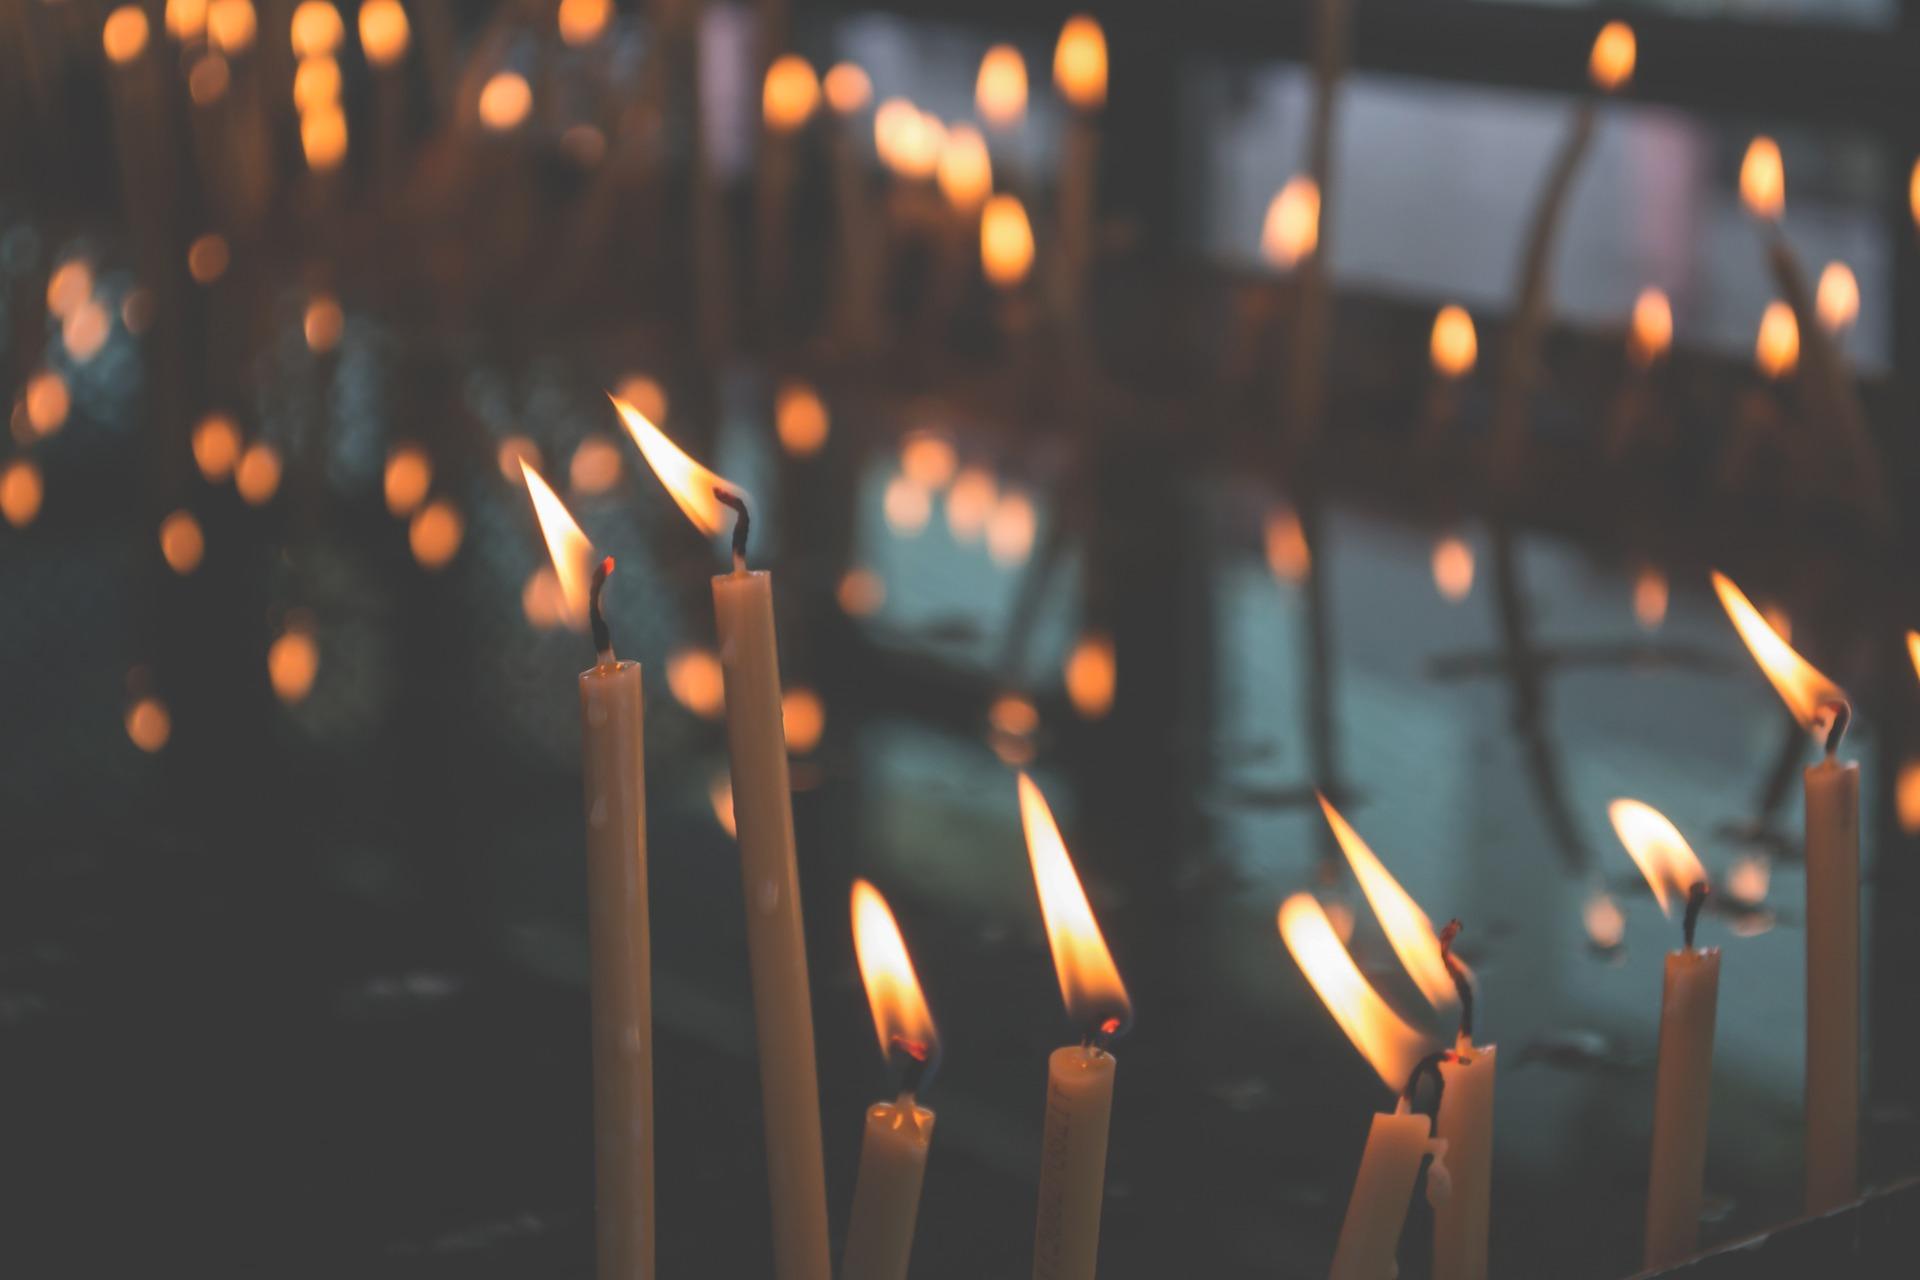 wick, fuse, candle, mecha, vela, fuego, warm